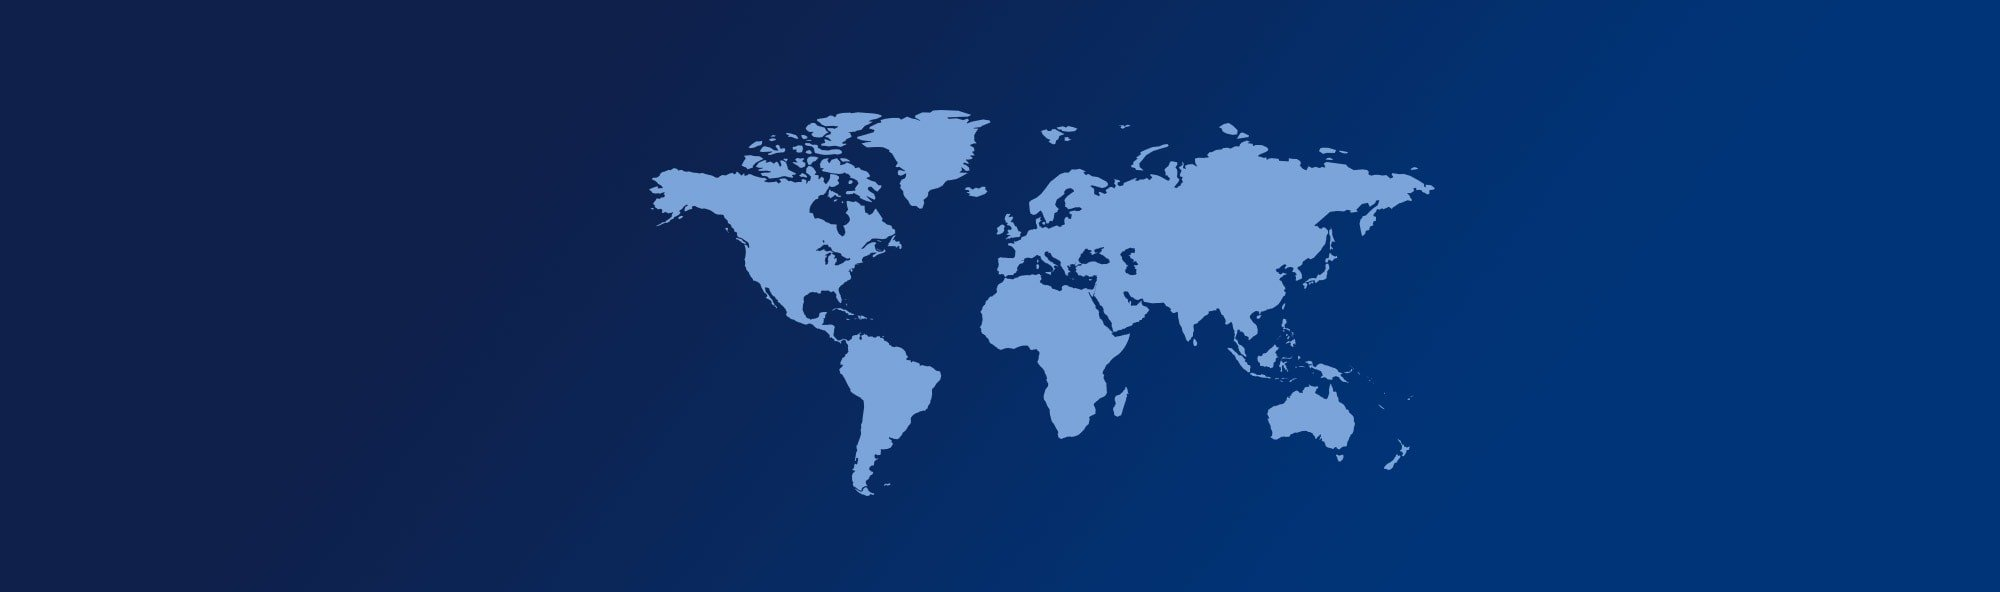 dark blue world map